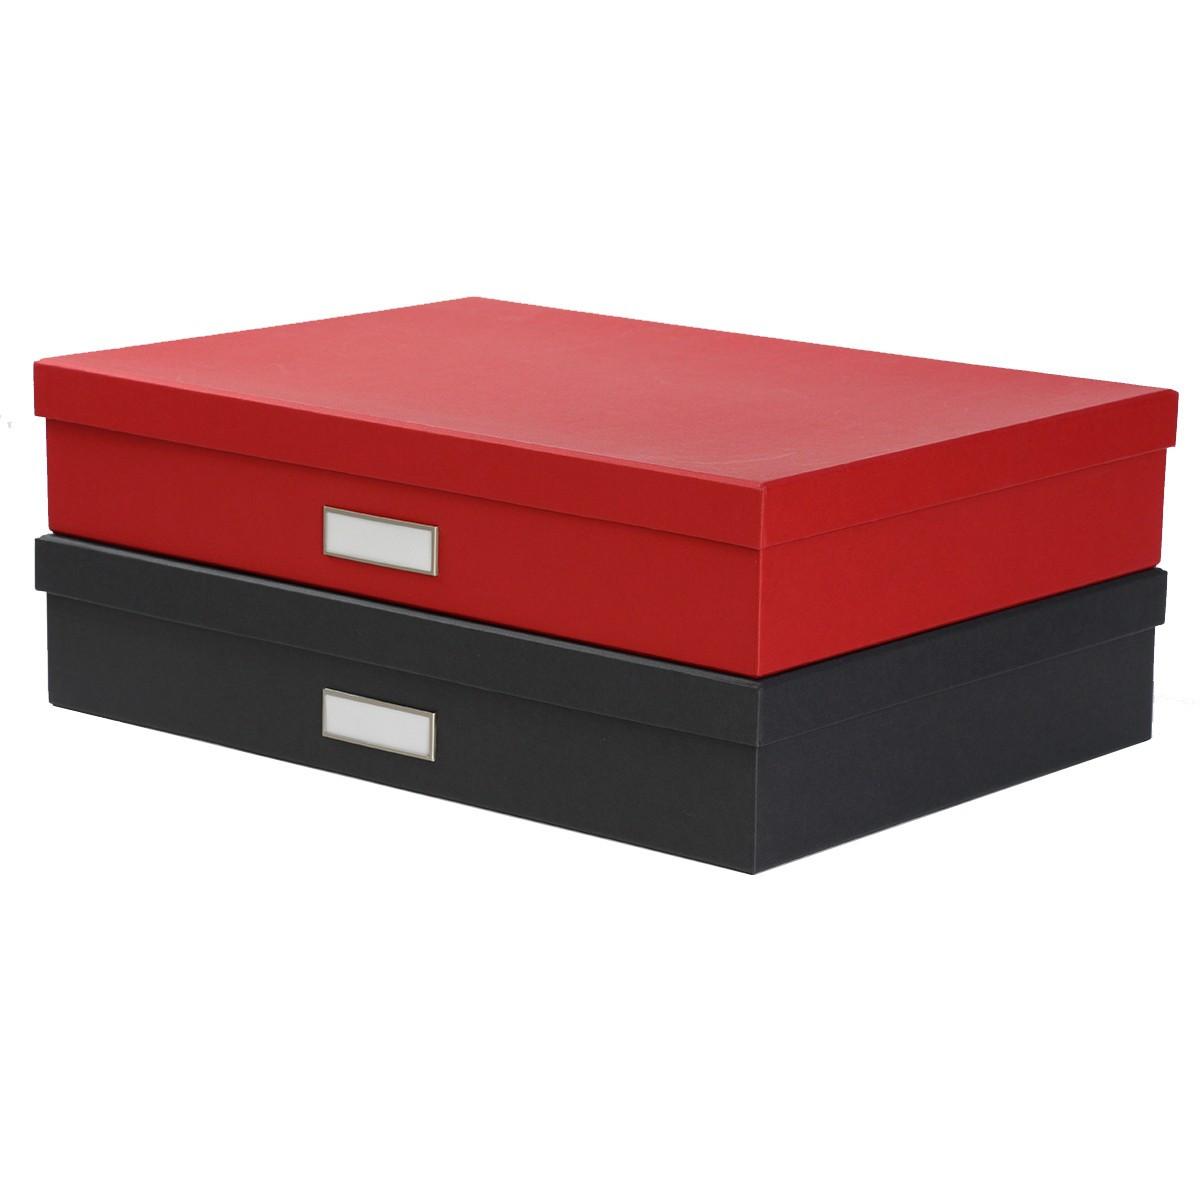 Bo te a3 en carton rouge classement - Carton a dessin a3 ...